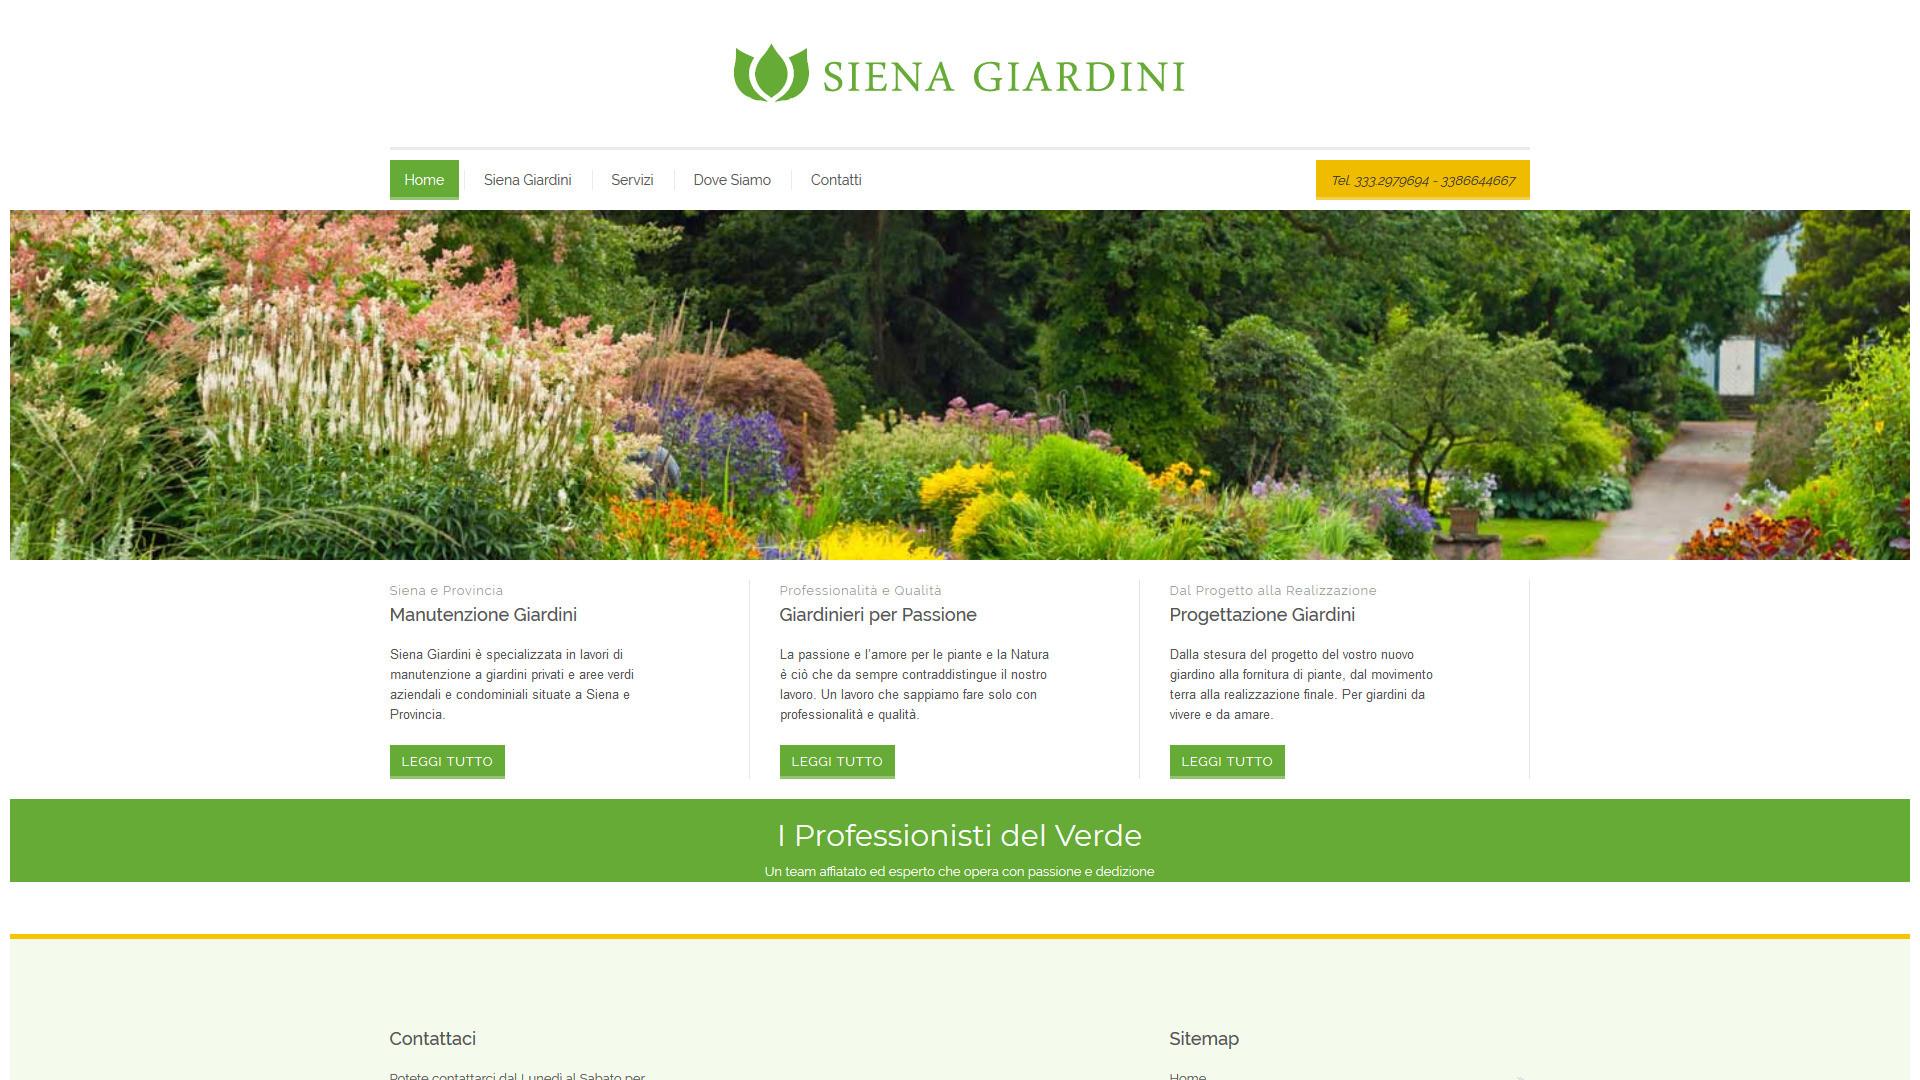 Piante in un giardino a cura di Siena Giardini